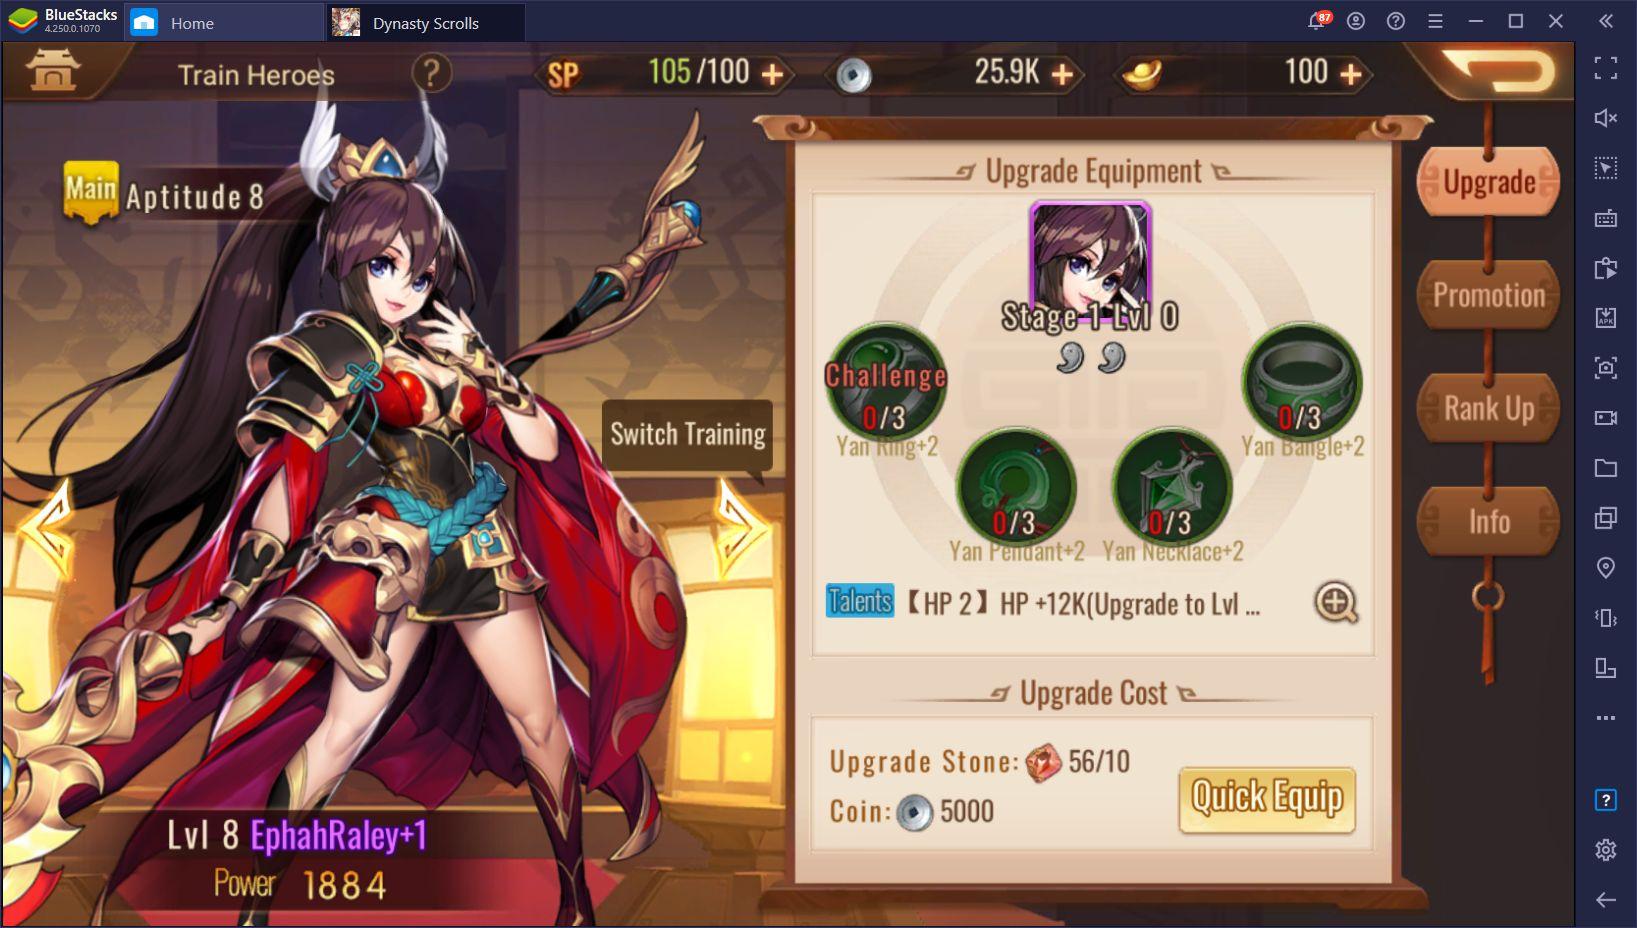 Dynasty Scrolls auf dem PC – Die besten Tipps und Tricks für Neulinge